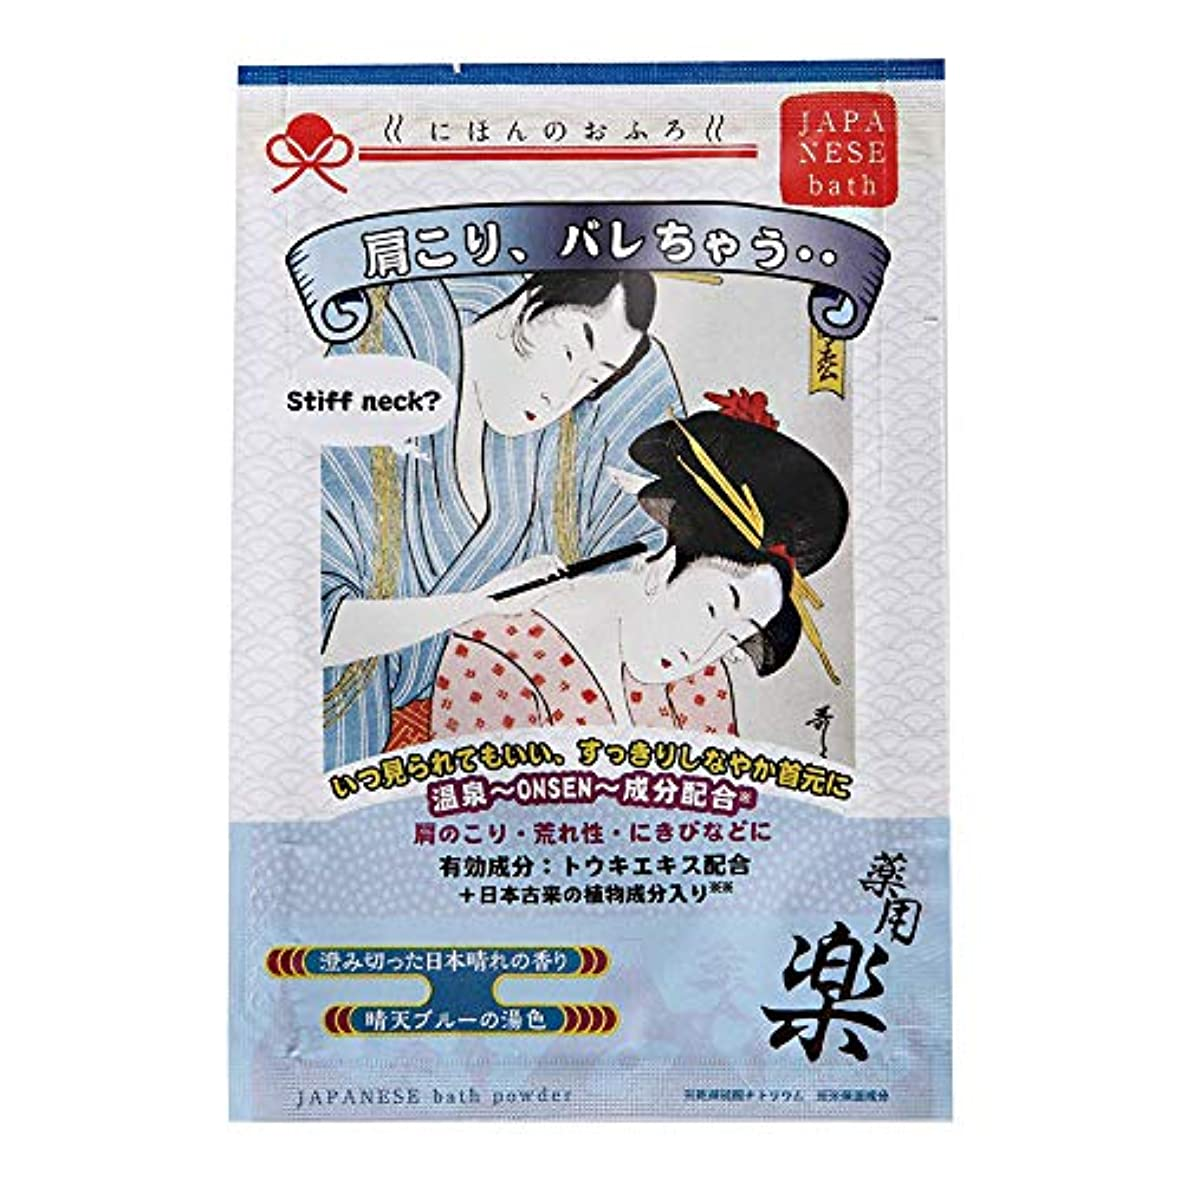 壊すブレス反毒にほんのおふろ 肩こり、バレちゃう・・ 澄み切った日本晴れの香り 25g